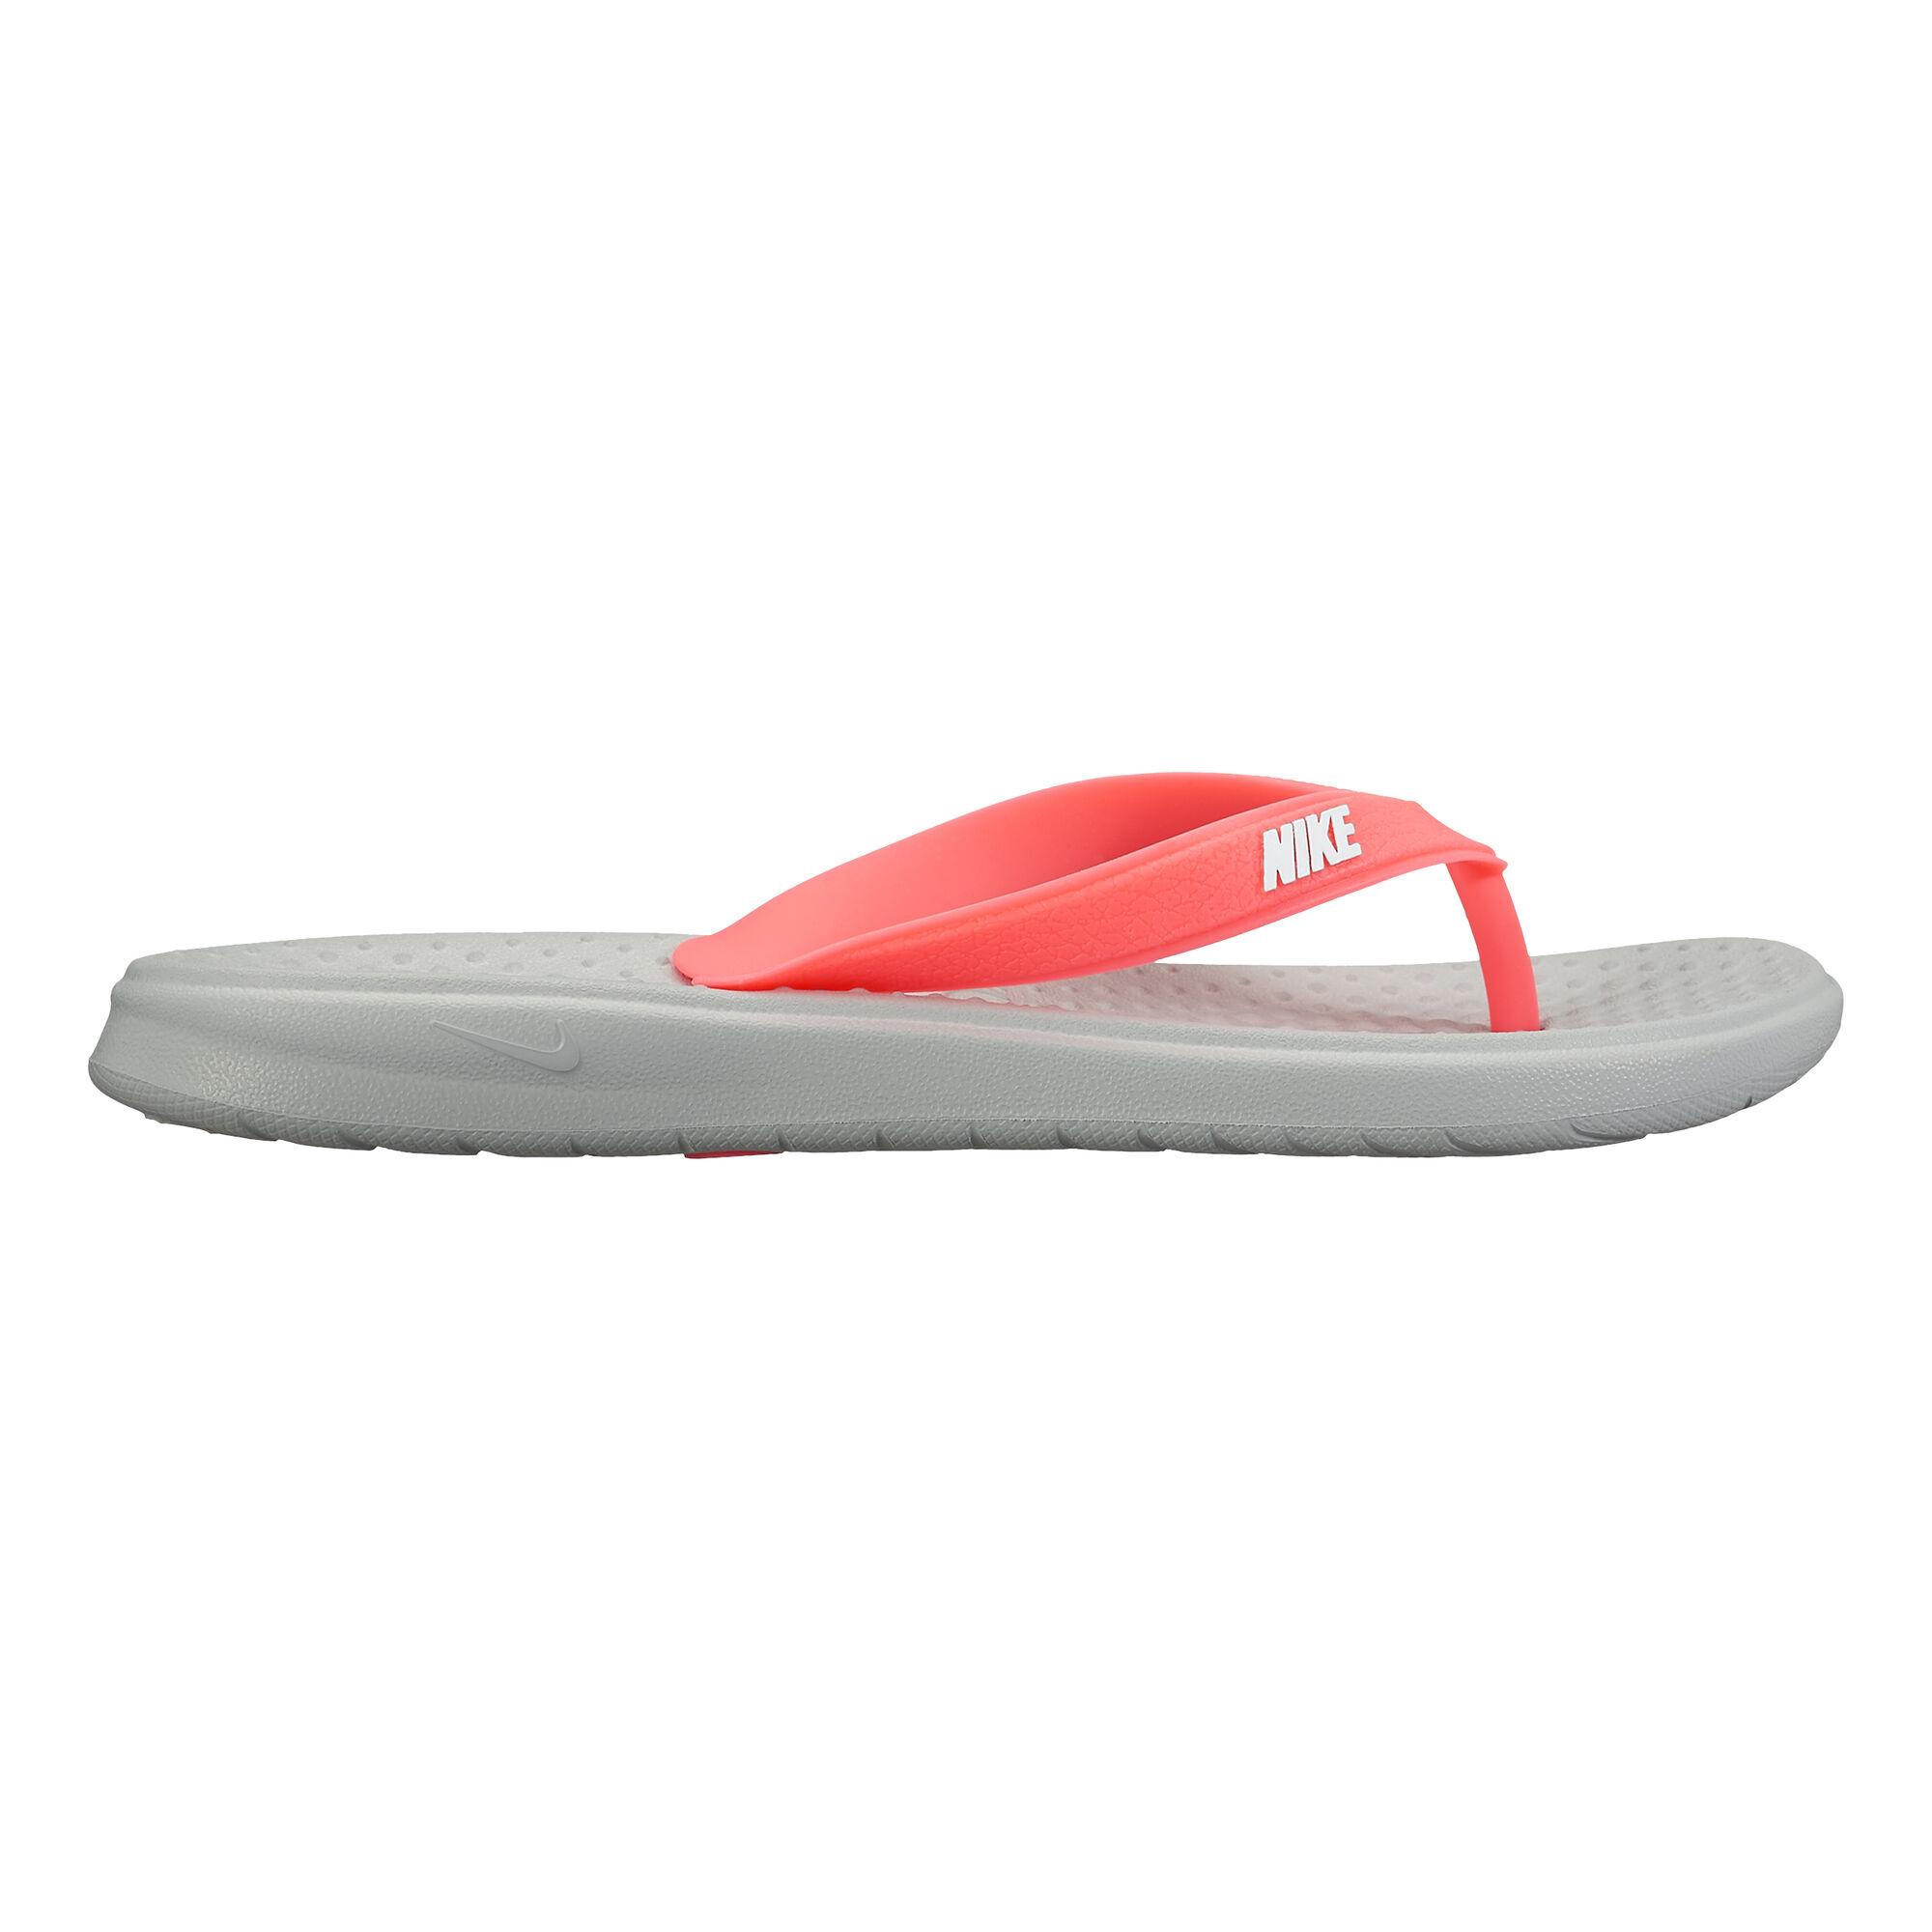 a79f8bd83931 Nike · Nike · Nike · Nike · Nike. Solay (GS PS) Thong Girls ...